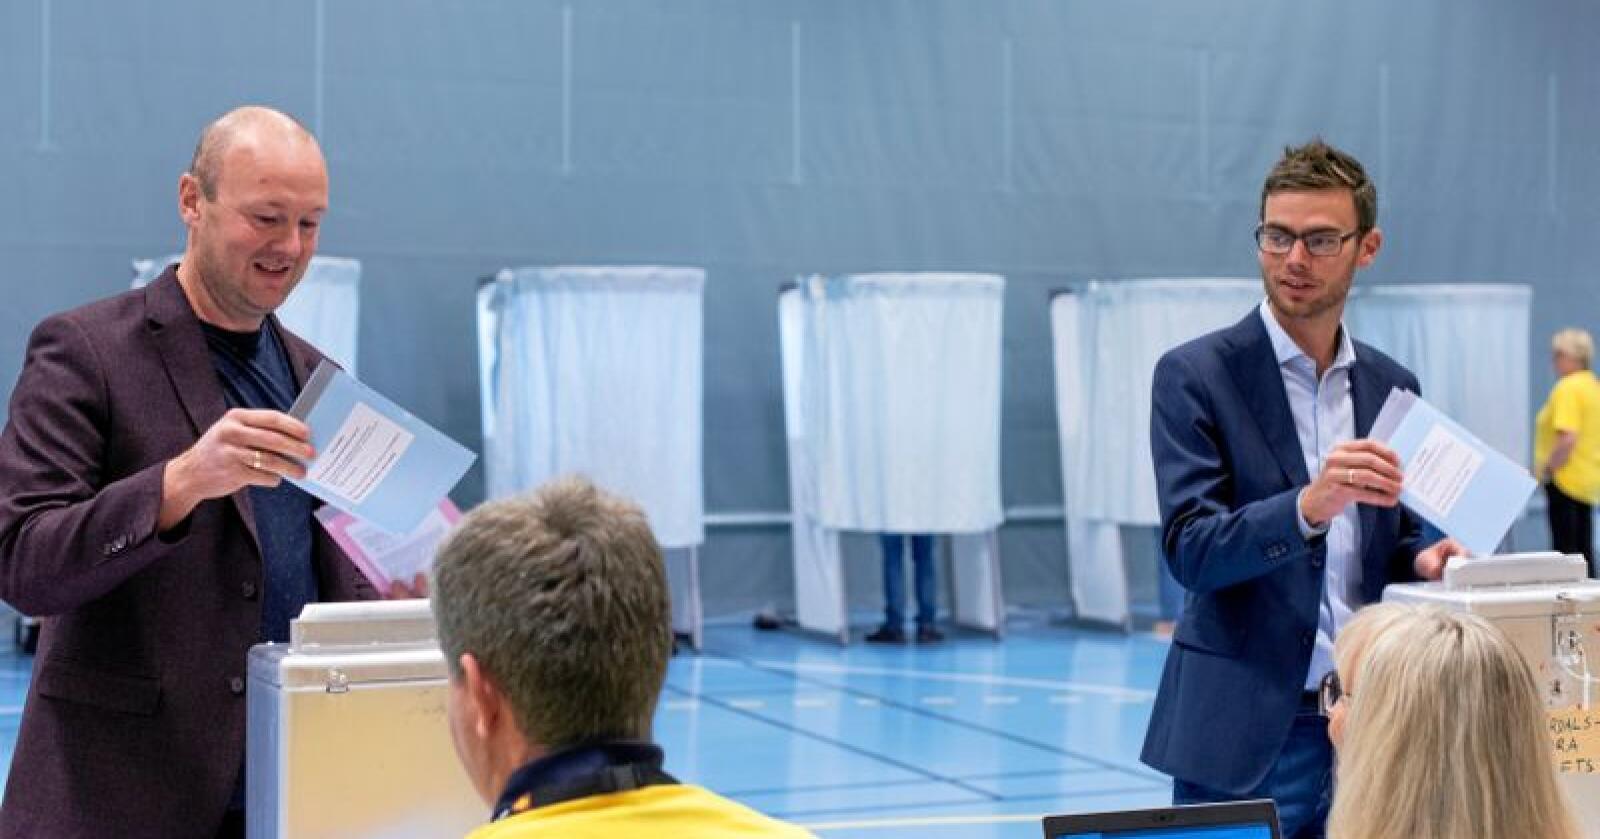 Her stemmer Ole Gunnar Hallager (Ap) og Pål Sverre Fikse (Sp) litt etter klokka 10 på Verdalsøra ungdomsskole. Går valget som meningsmålingene har vist, blir det Sp-ordfører for første gang på 20 år i industrikommunen Verdal. Foto: Håvard Zeiner